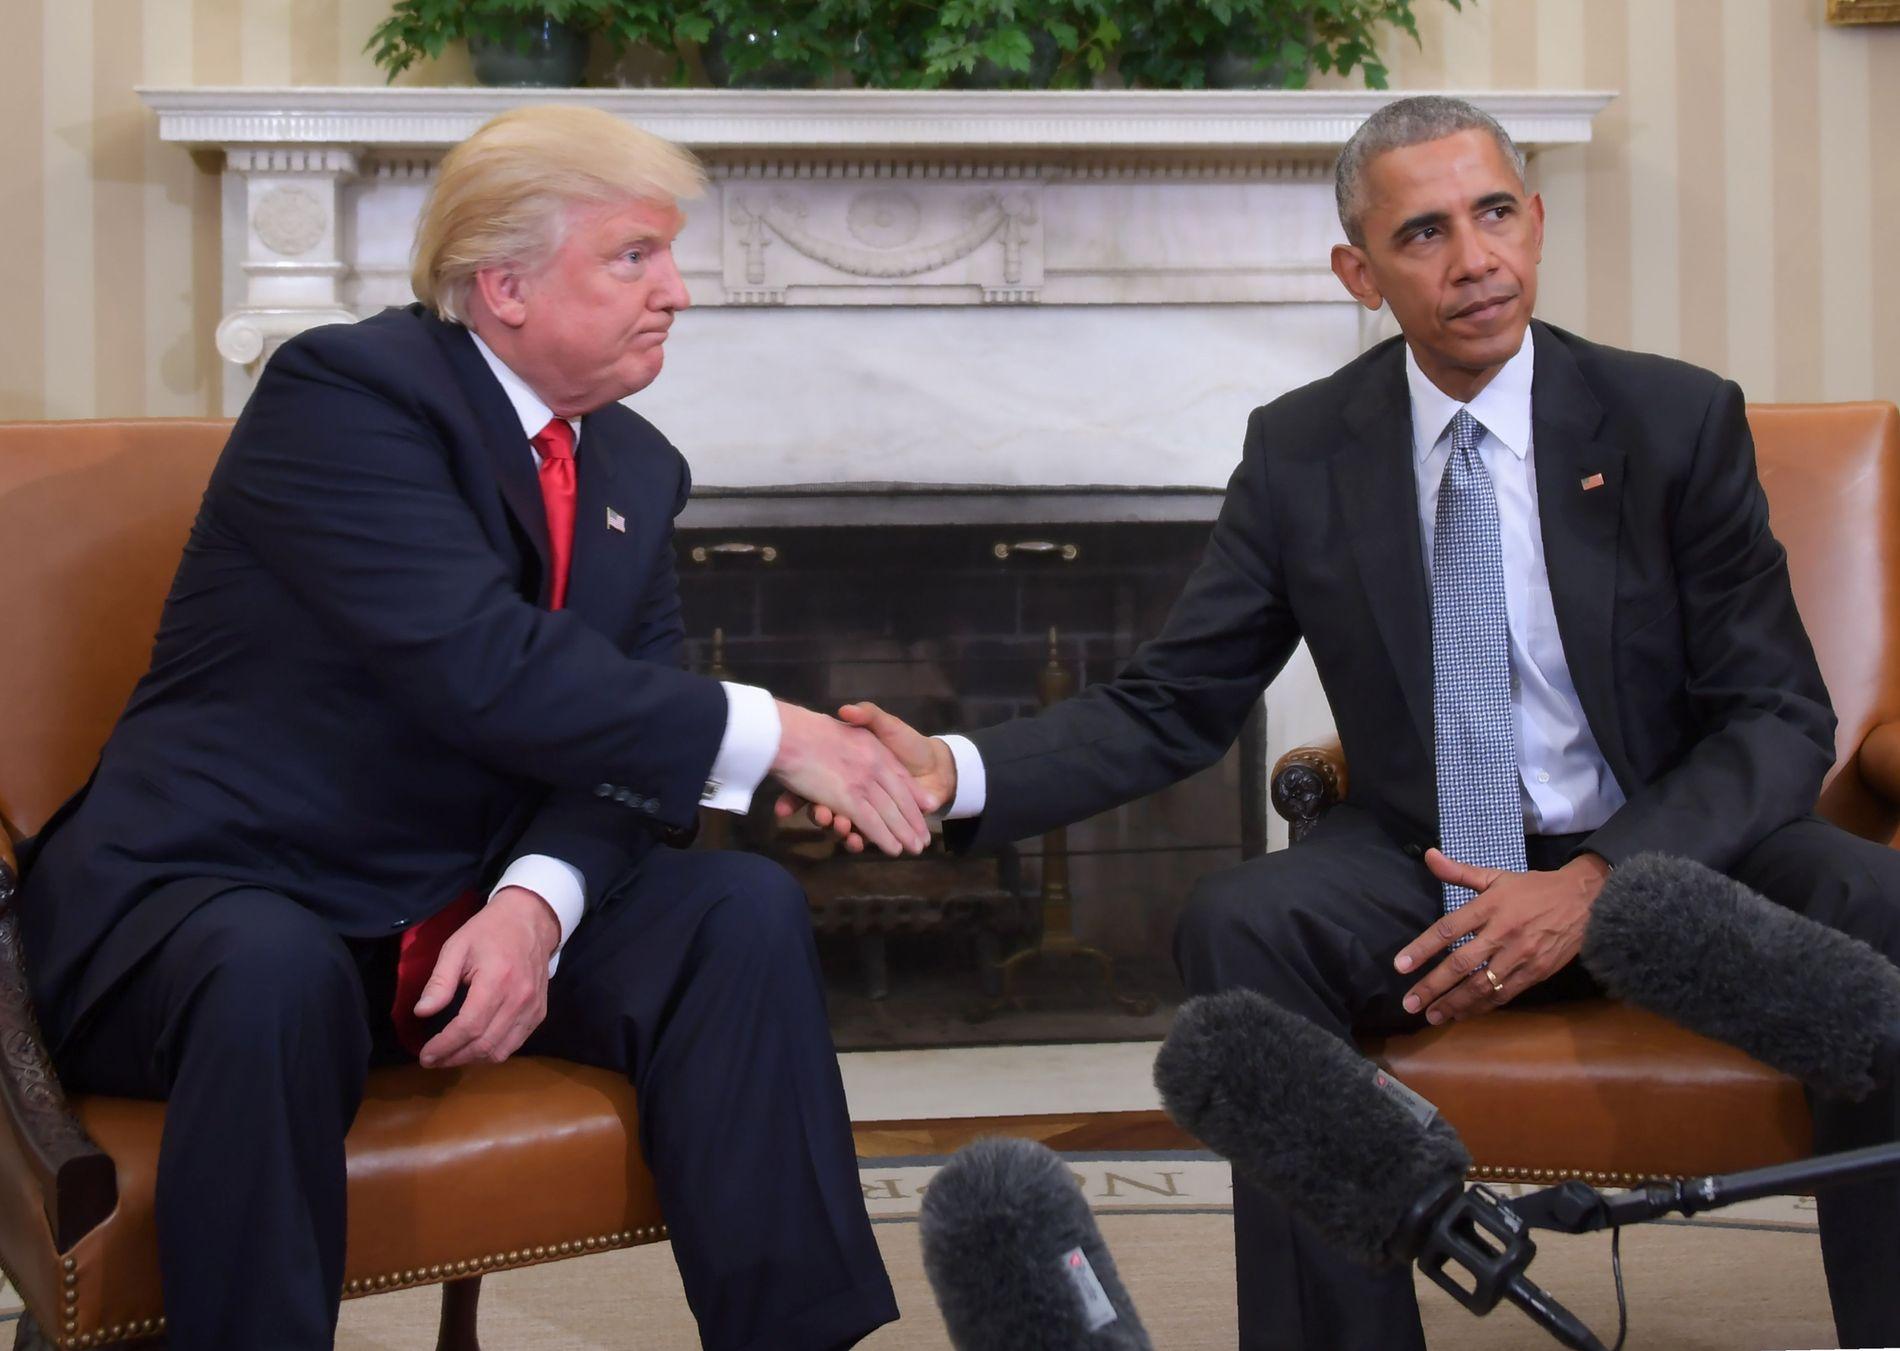 VELOVERVEIDE ORD: Eks-president Barack Obama etterlot seg et 275 ord langt brev til president Donald Trump i det ovale kontor. Nå er brevet offentliggjort av CNN.